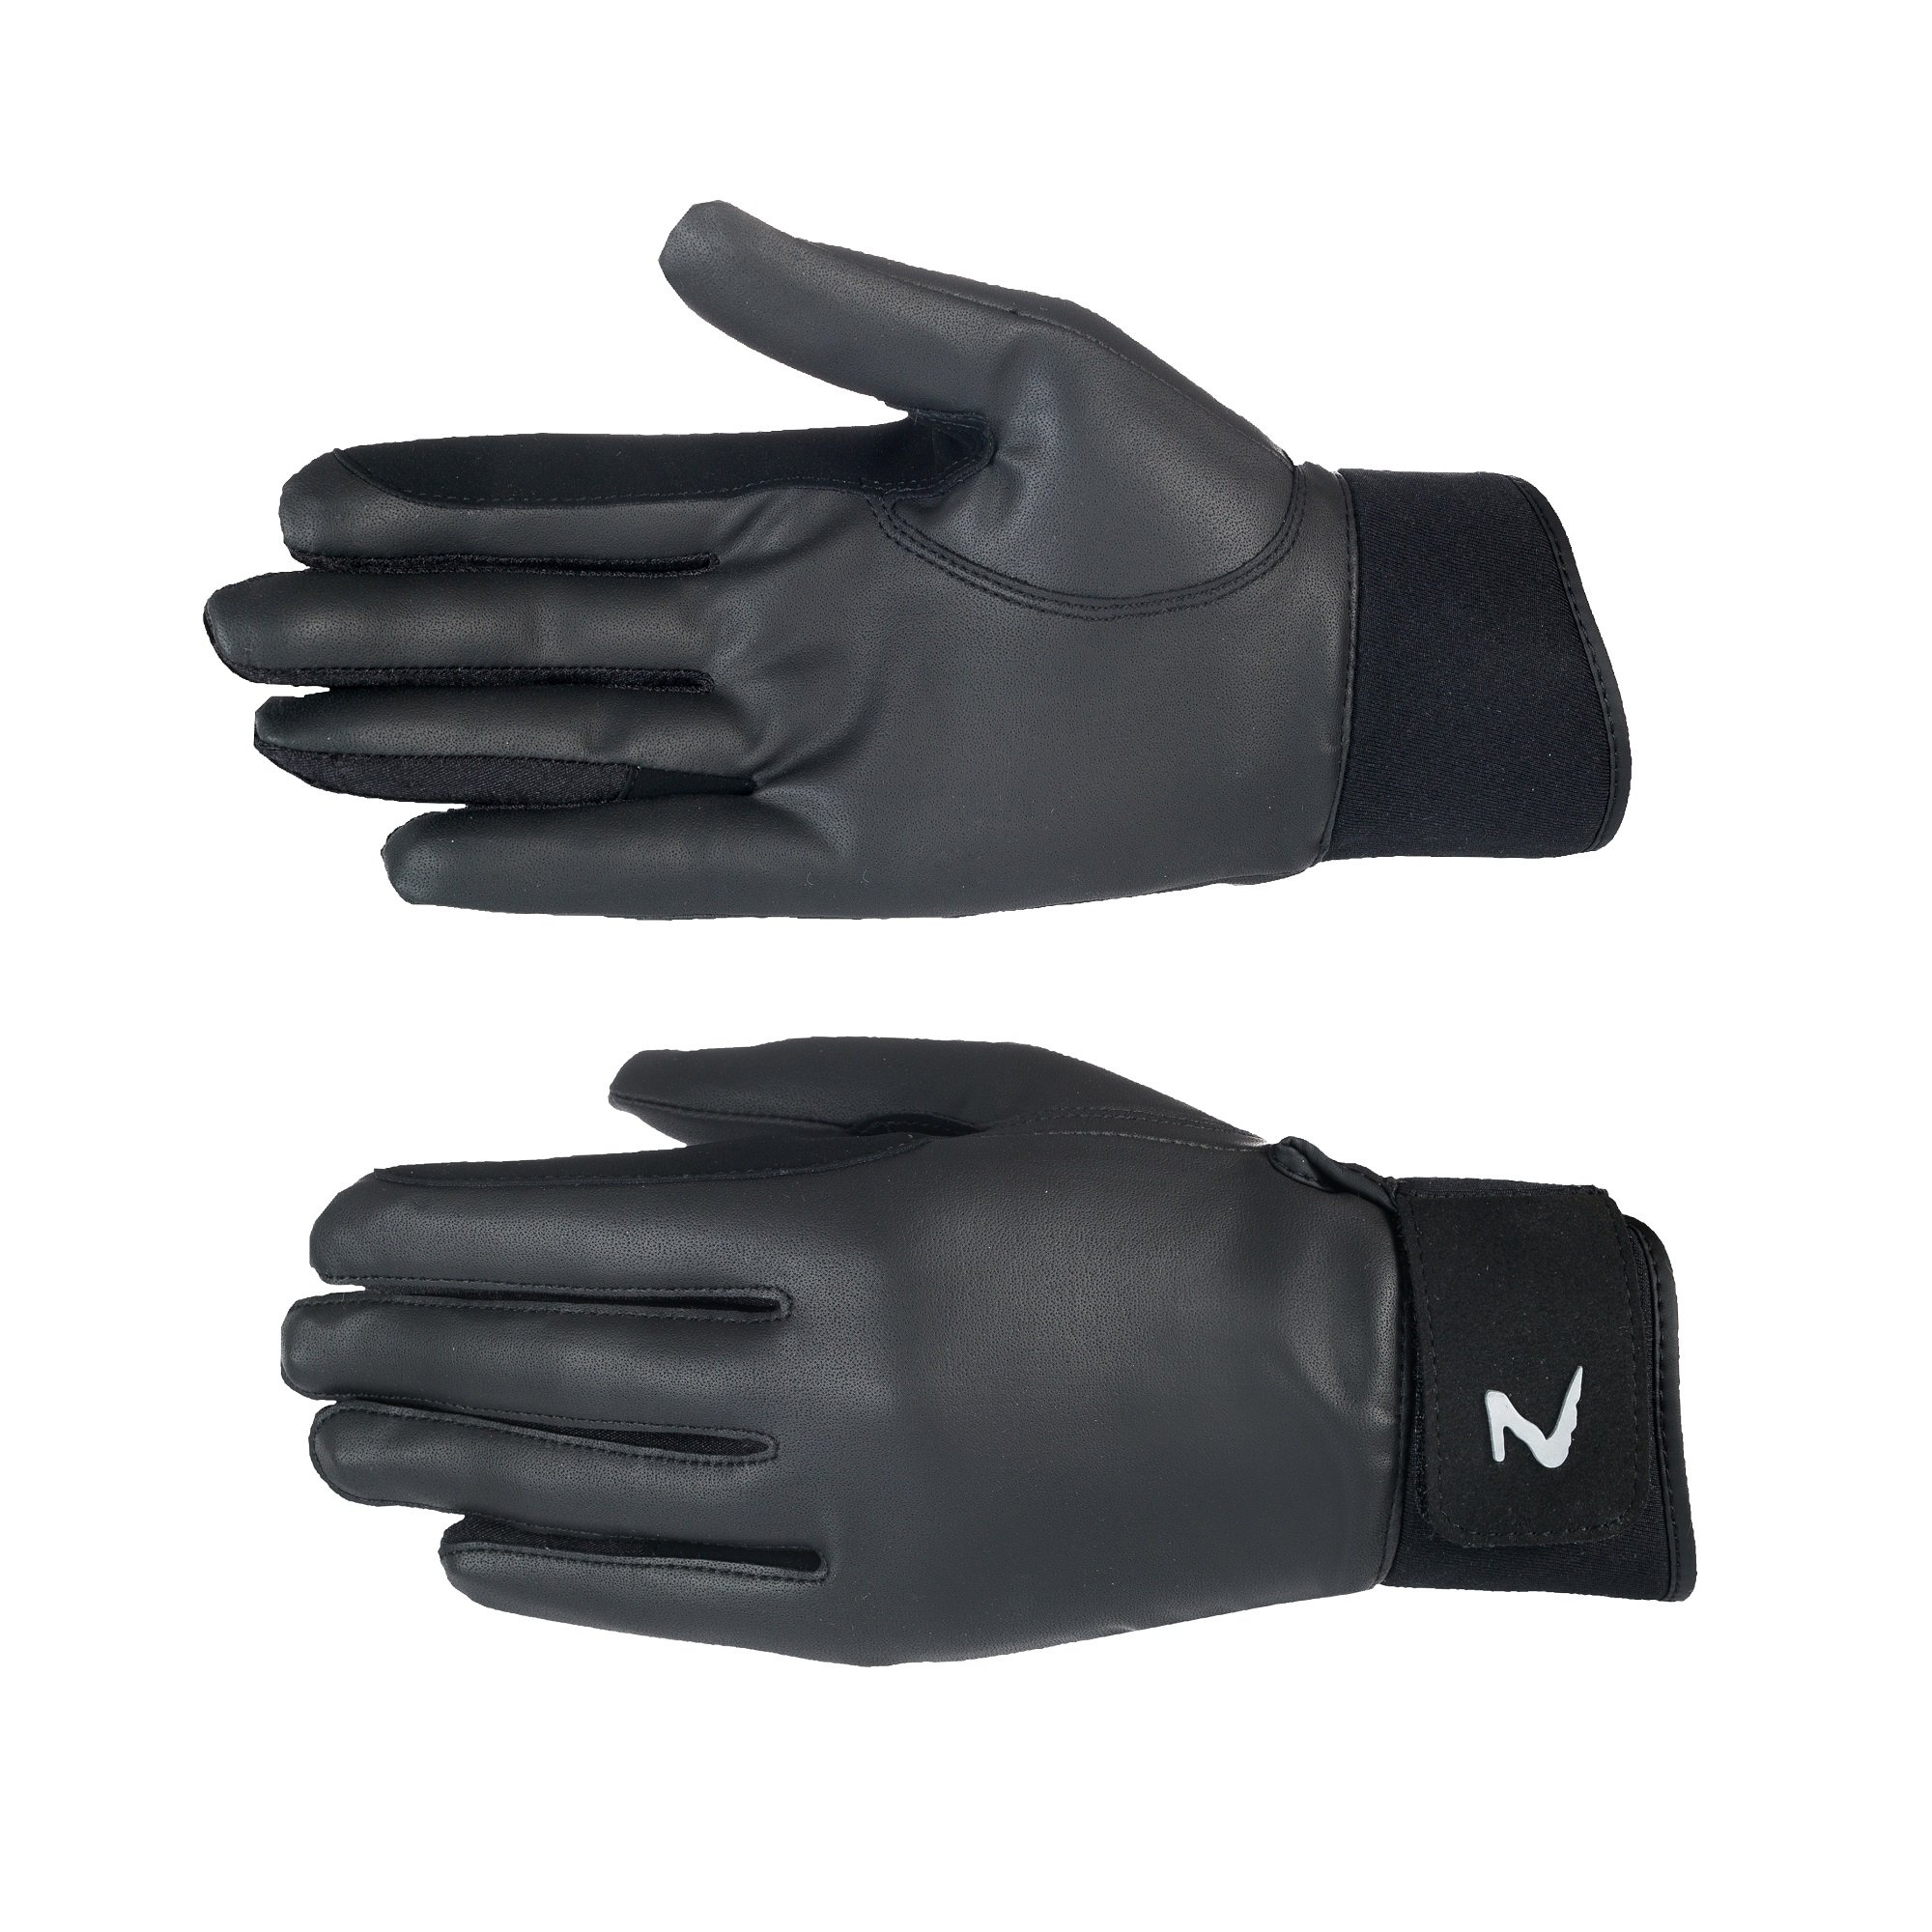 Horze Felicia Gloves Black 10 by Horze